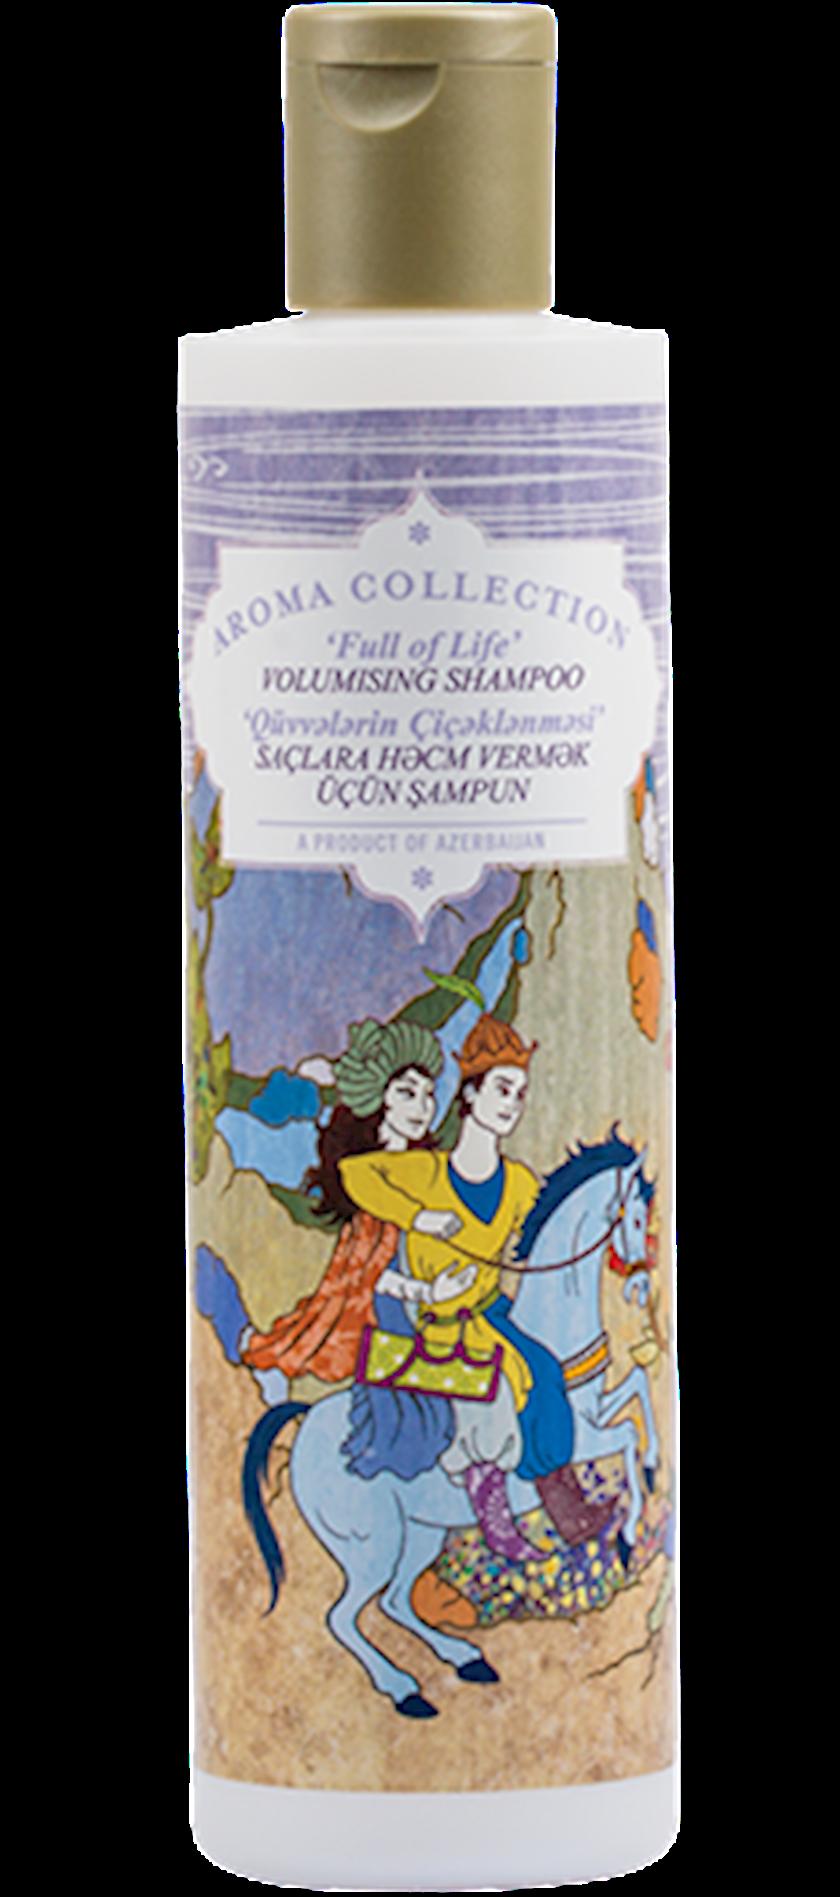 Saç üçün şampun Aroma Collection Dastan Həcm verici, 200 ml